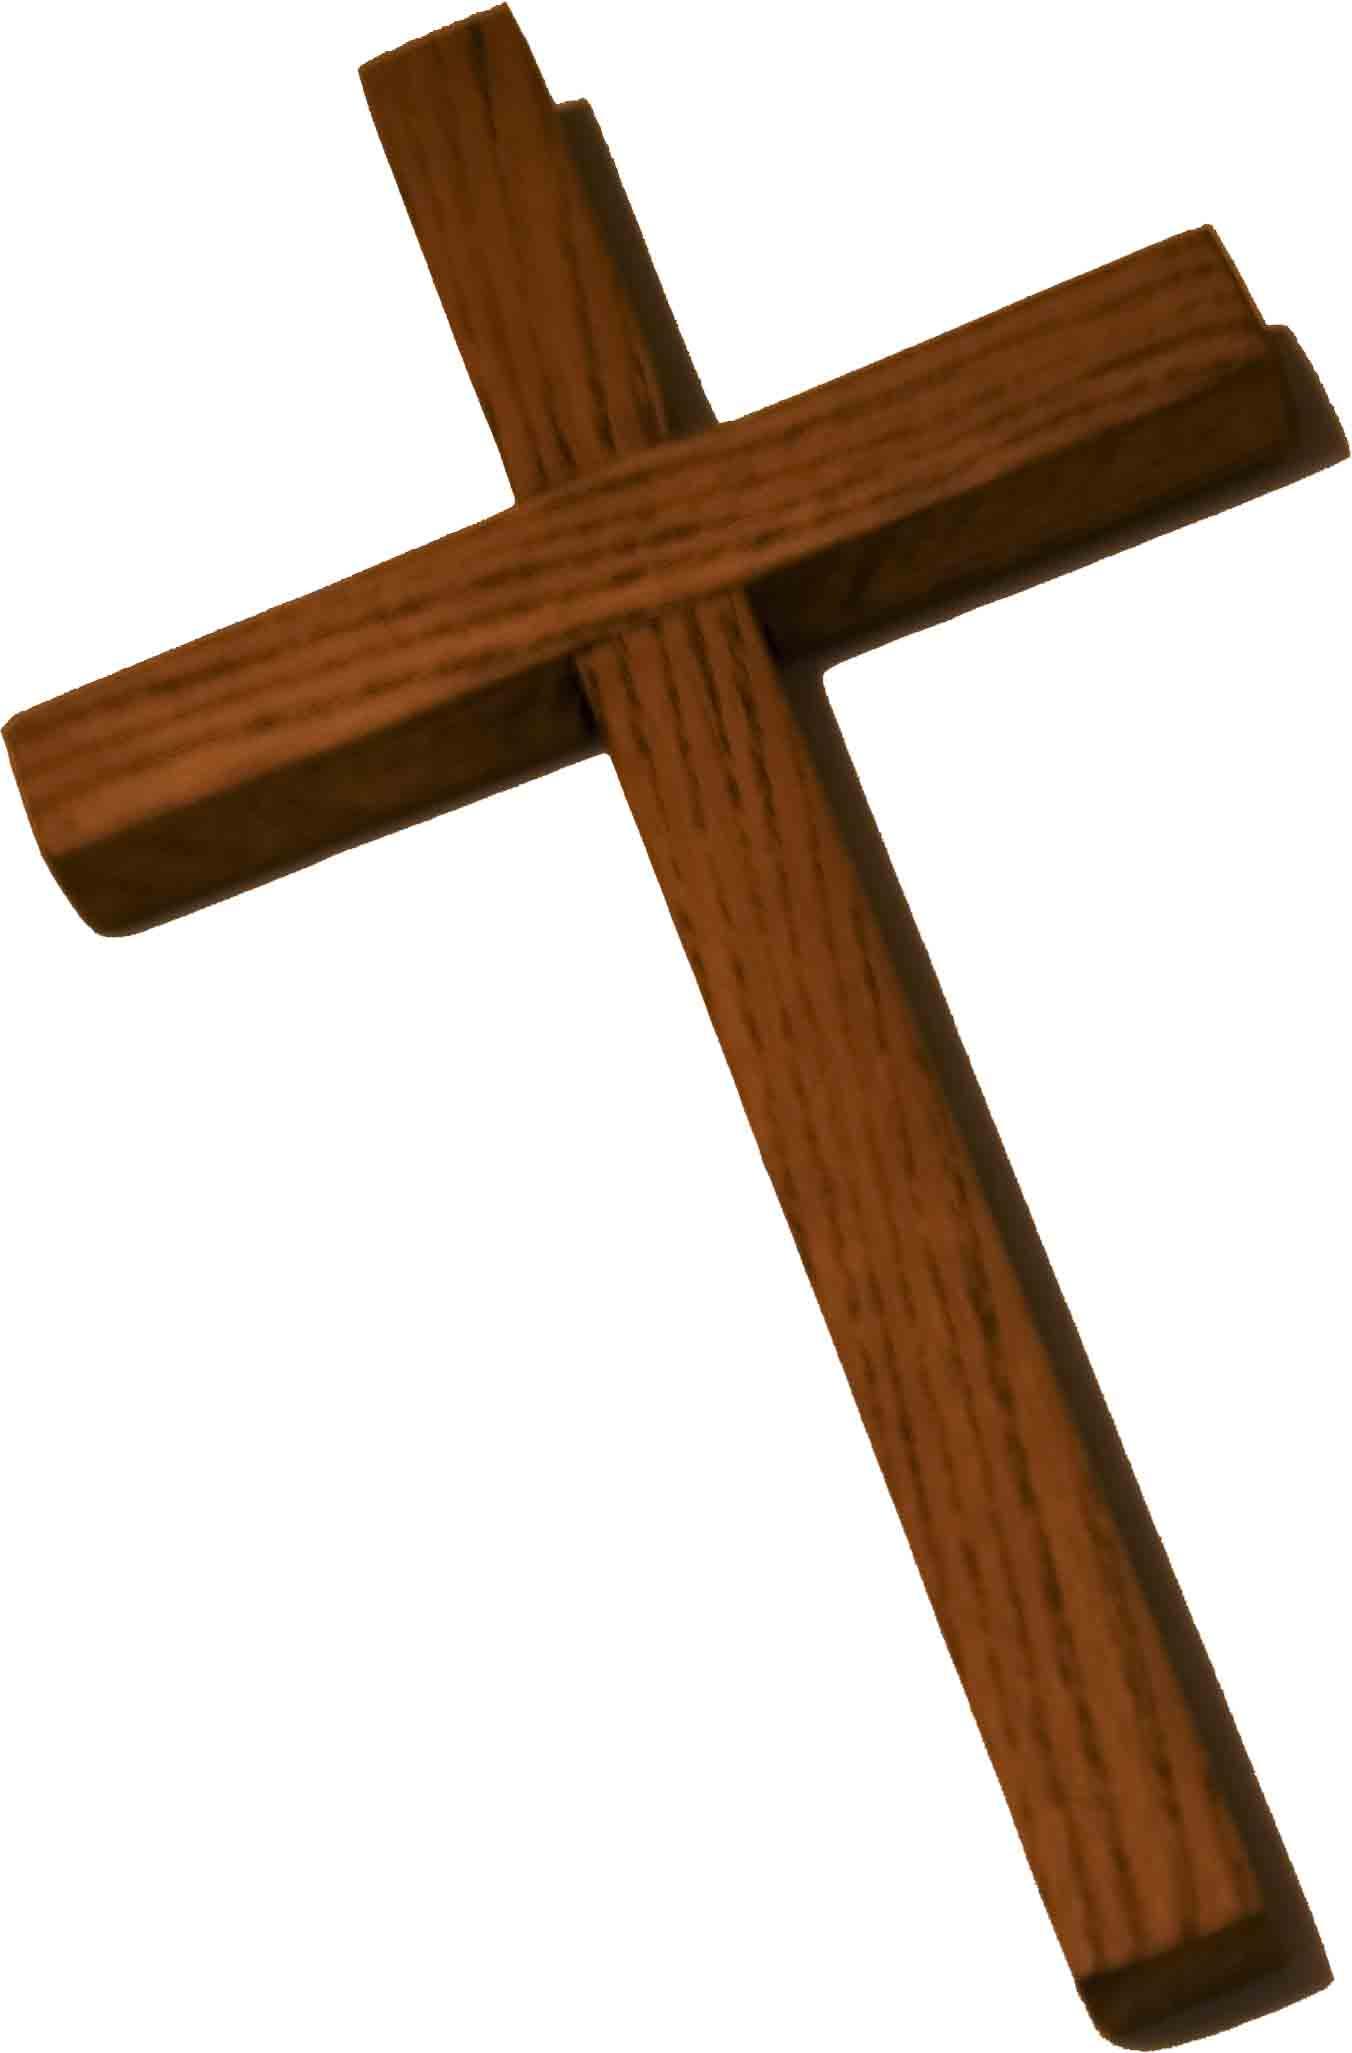 1352x2053 Christian Wooden Cross Clipart